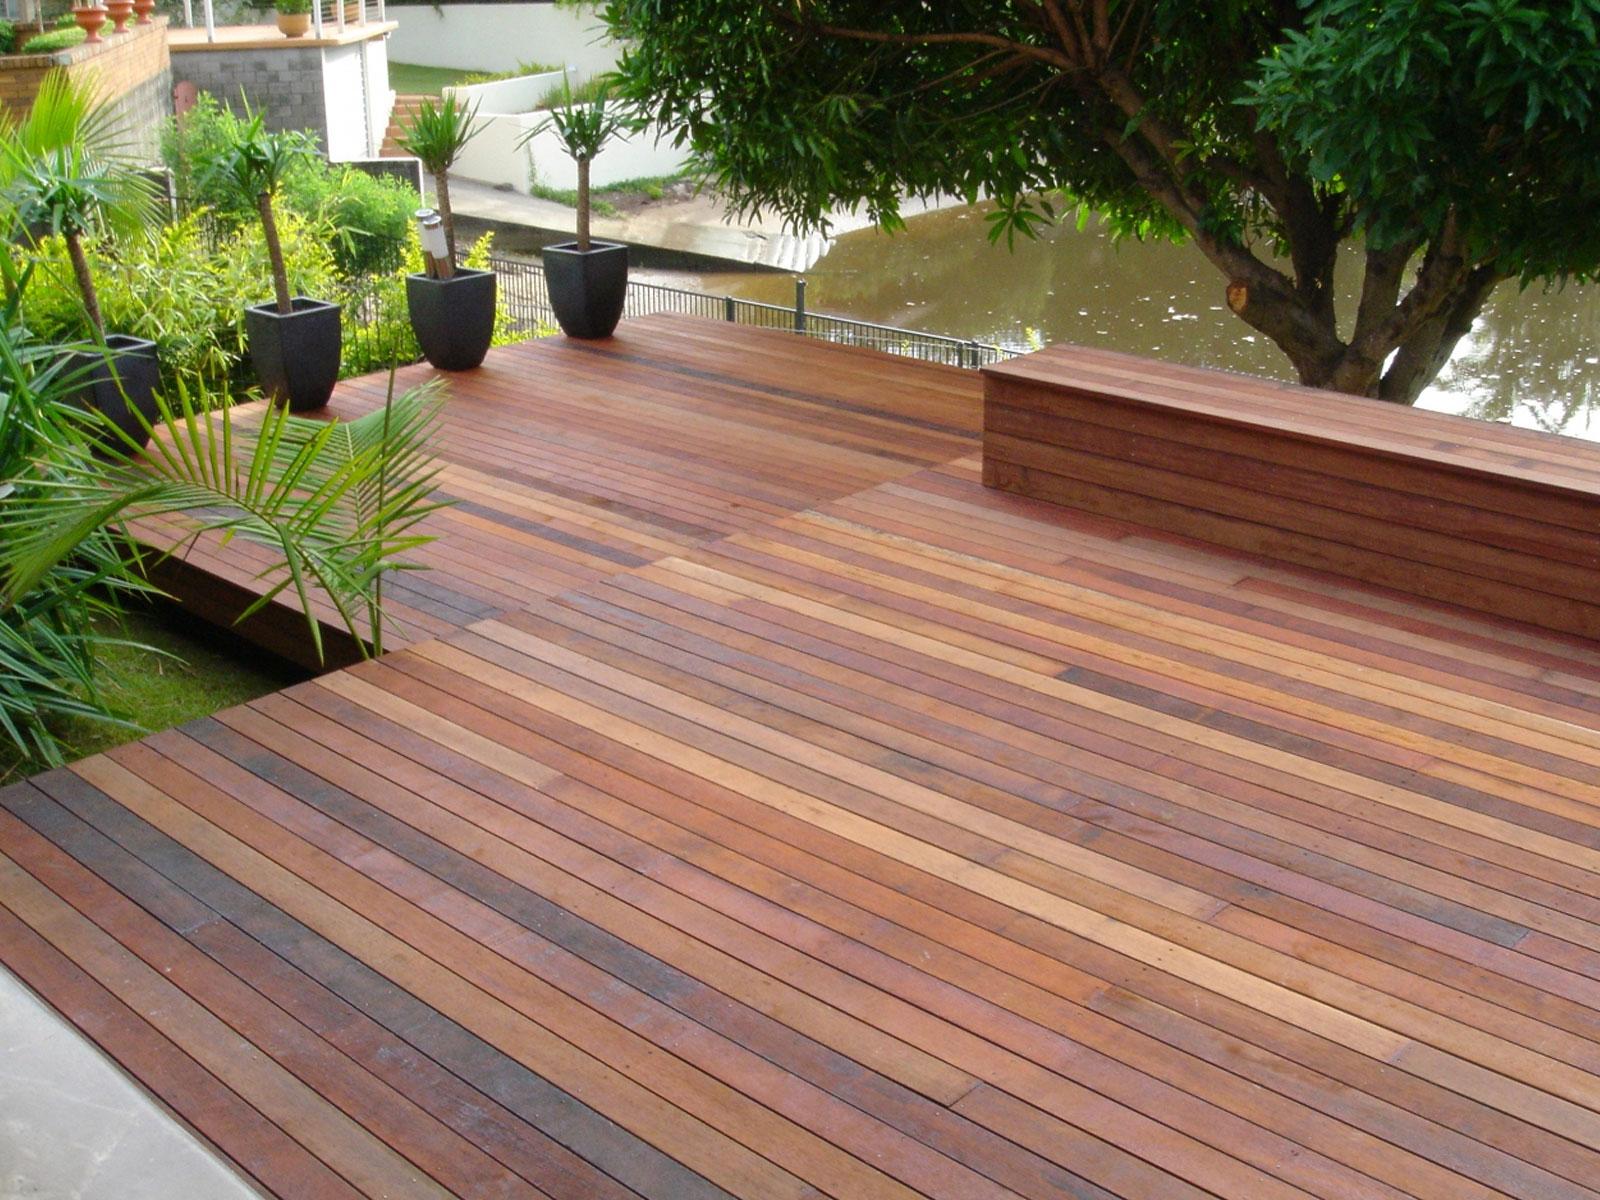 adhogg_builder_deck_patio-wood-7